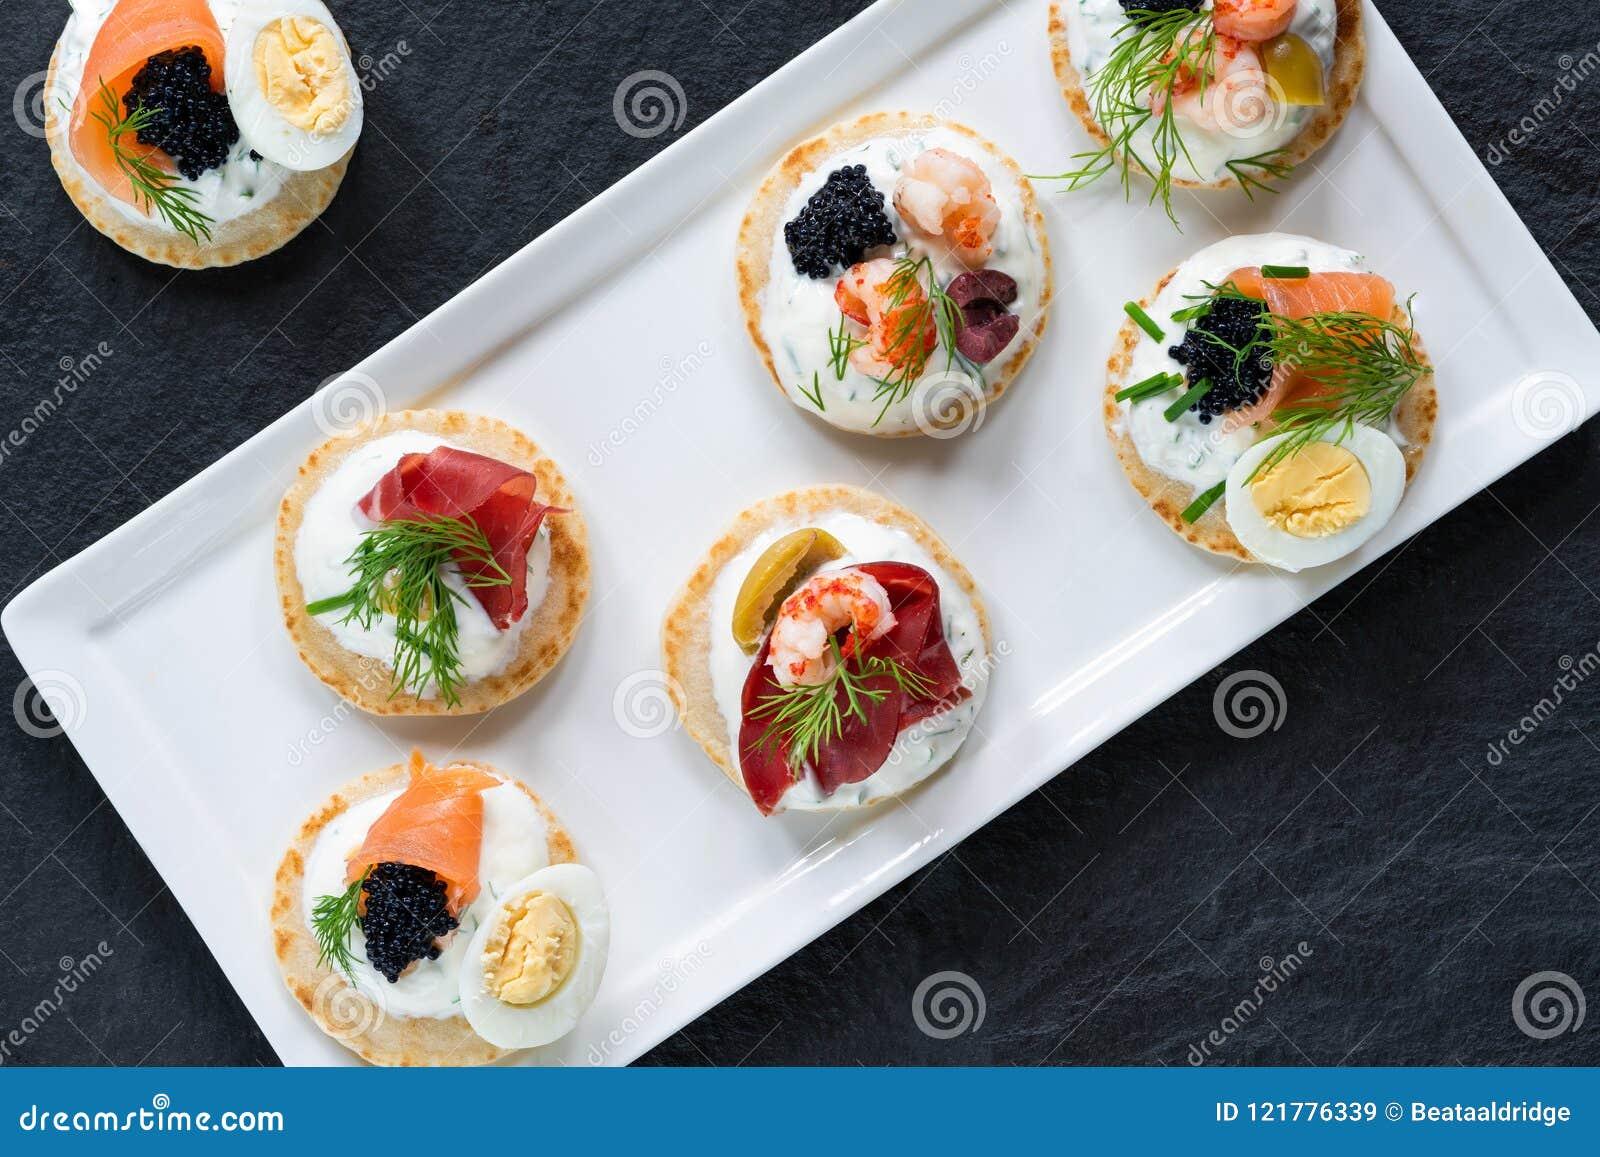 Επιλογή των blinis κοκτέιλ - γαστρονομικά τρόφιμα κομμάτων